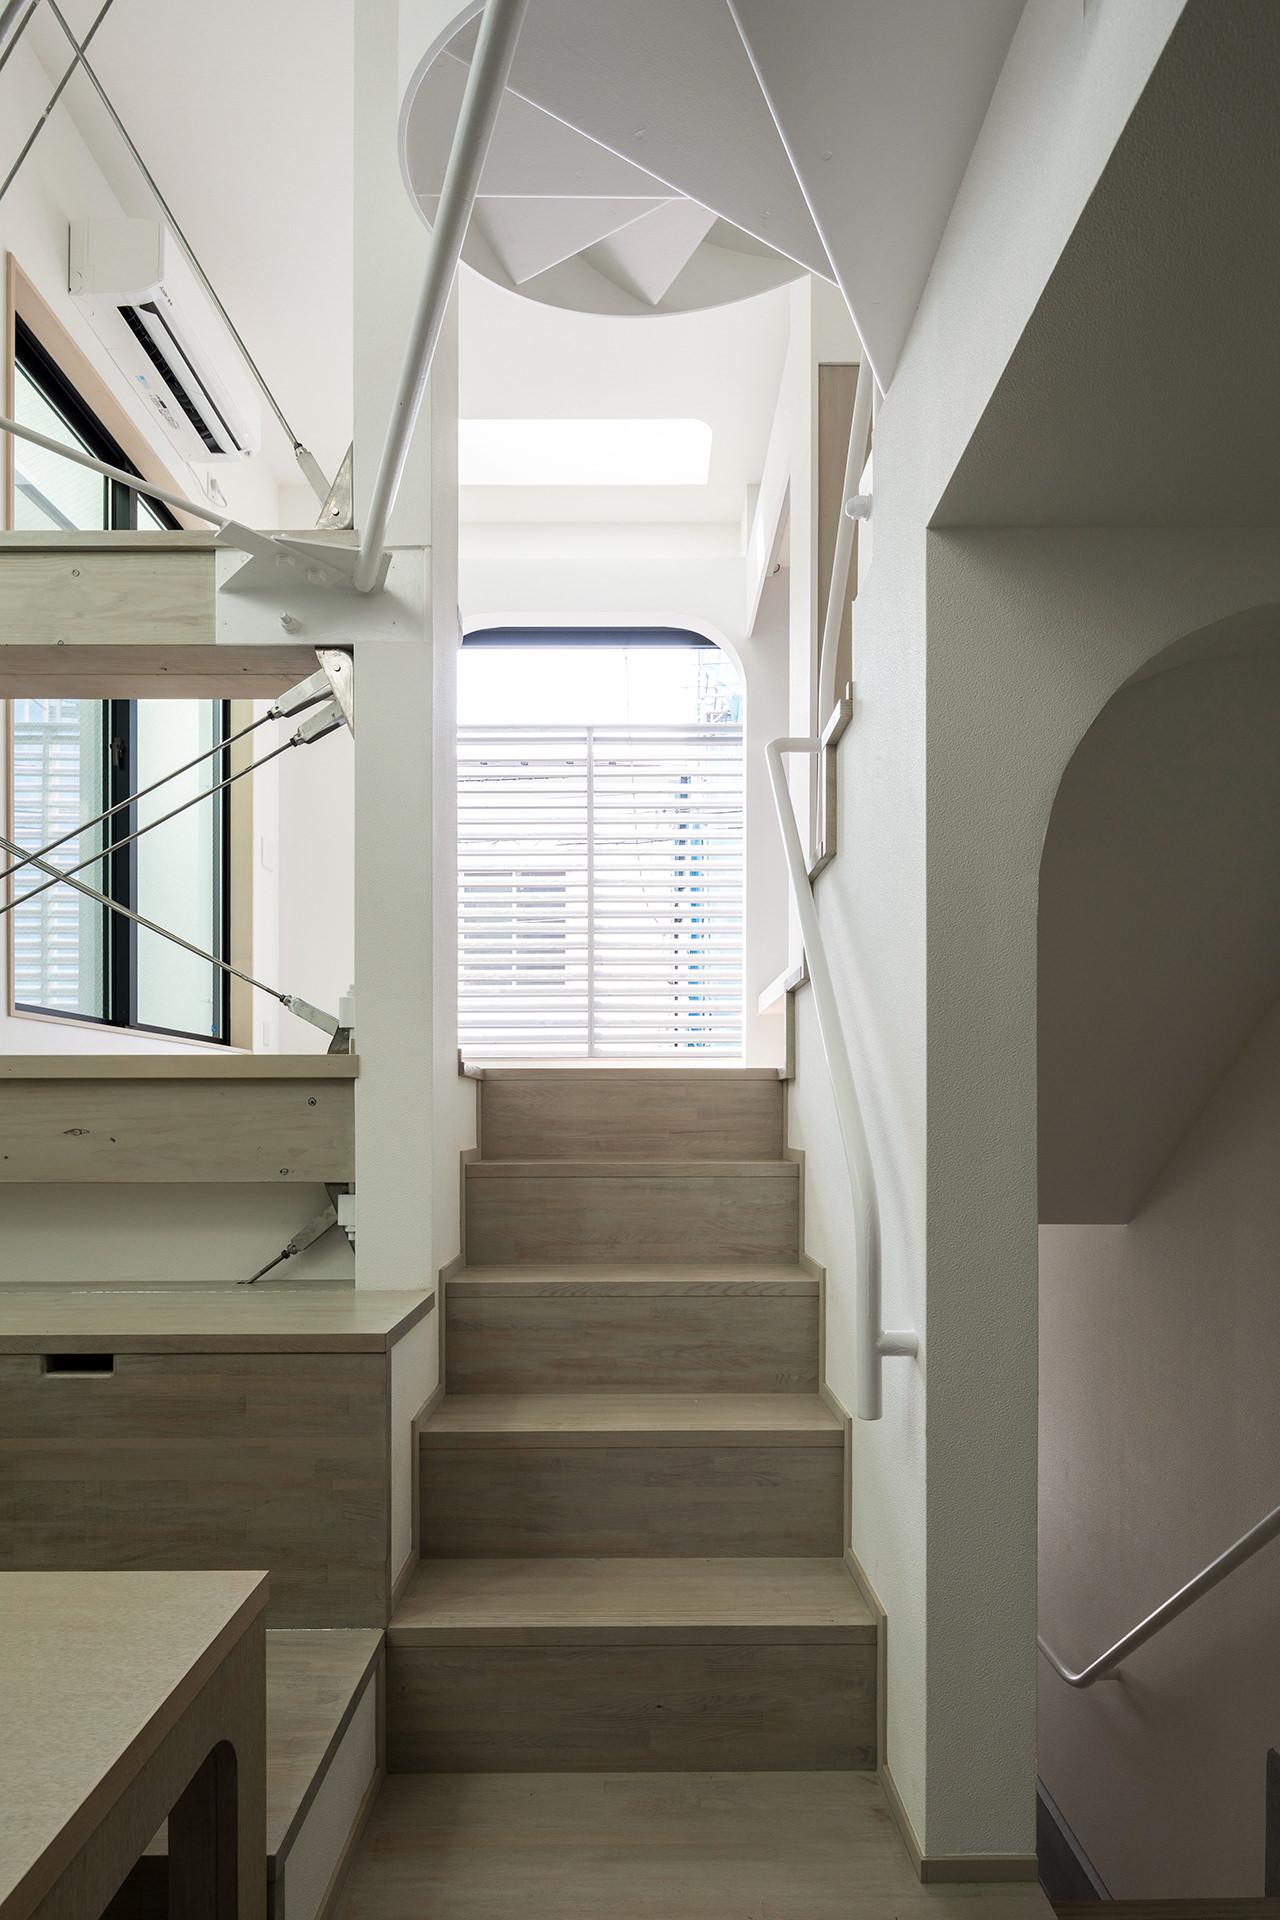 「6坪の家」 イメージ4 撮影:東涌写真事務所・東涌宏和